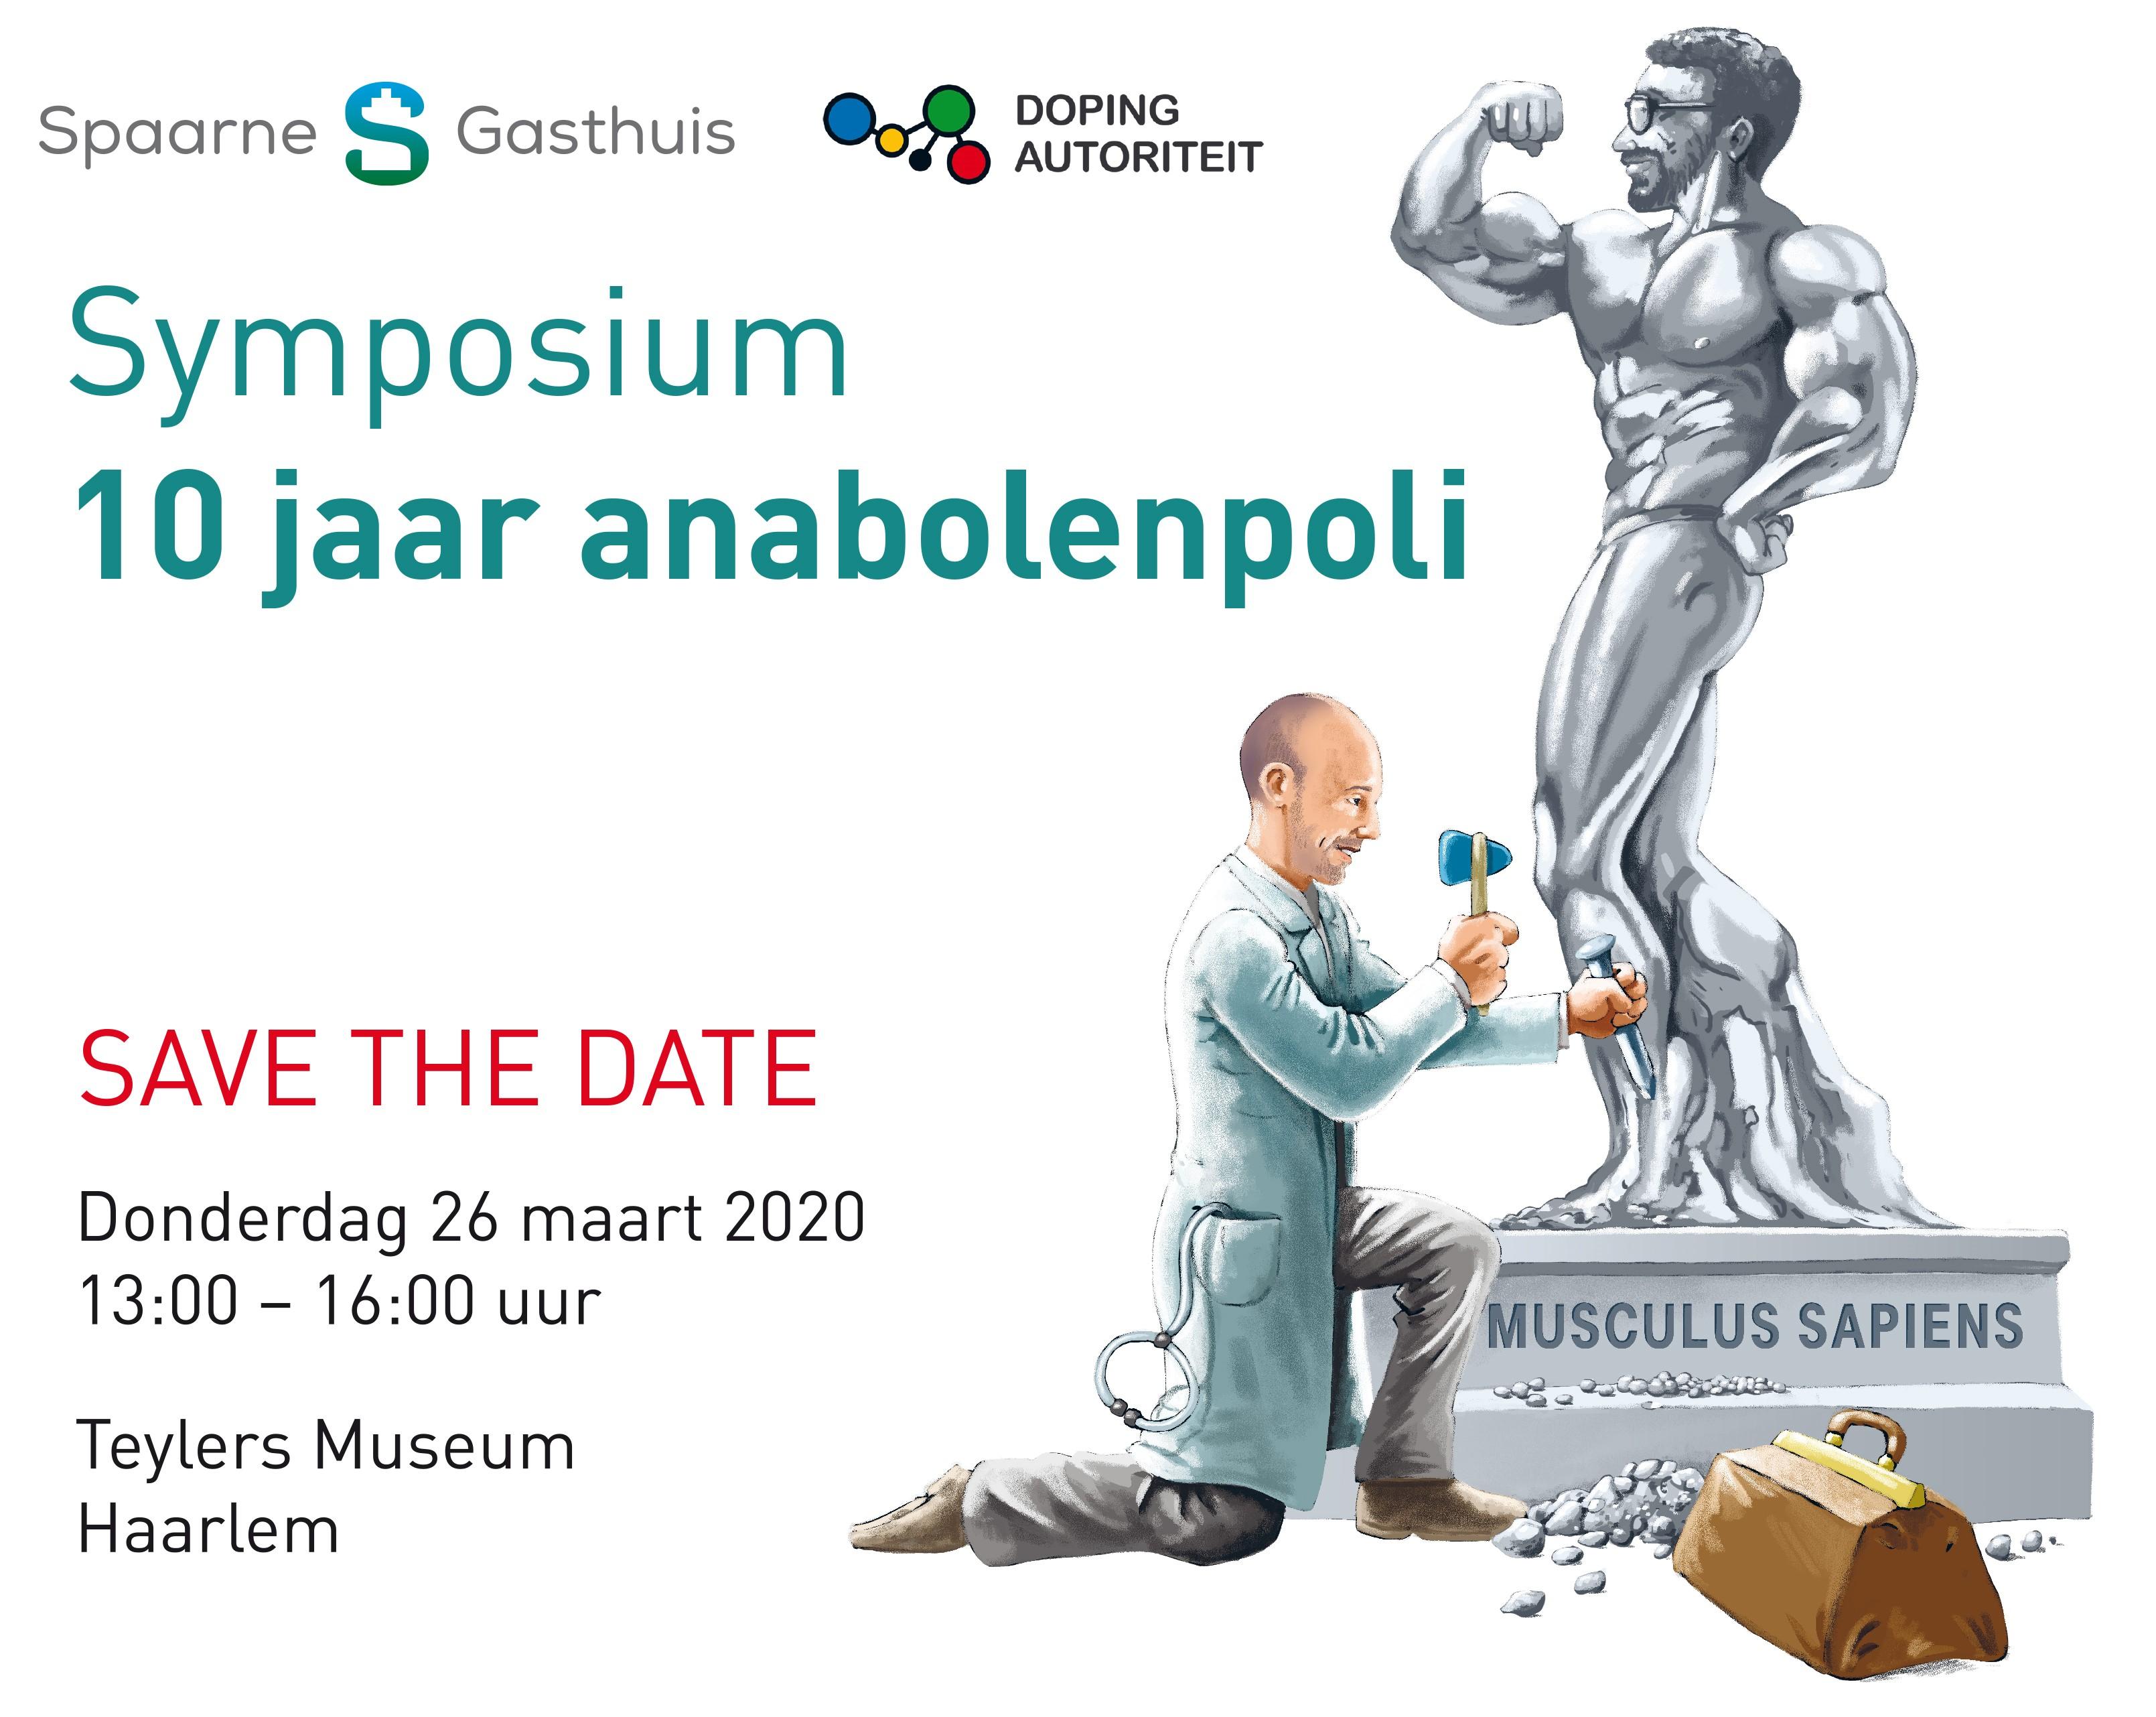 Symposium 10 jaar Anabolenpoli